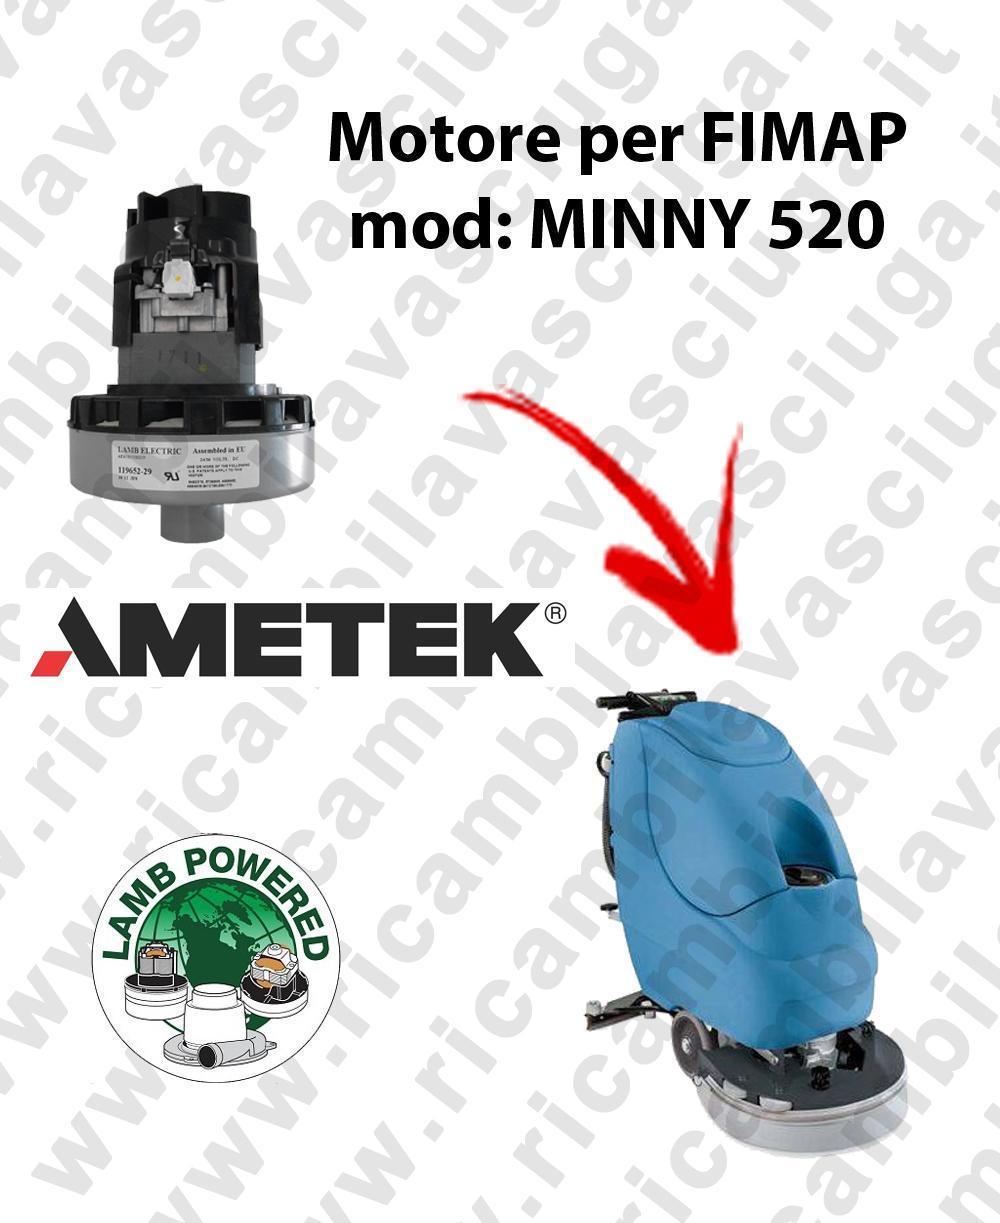 MYNNY 520 MOTEUR ASPIRATION LAMB AMATEK pour autolaveuses FIMAP